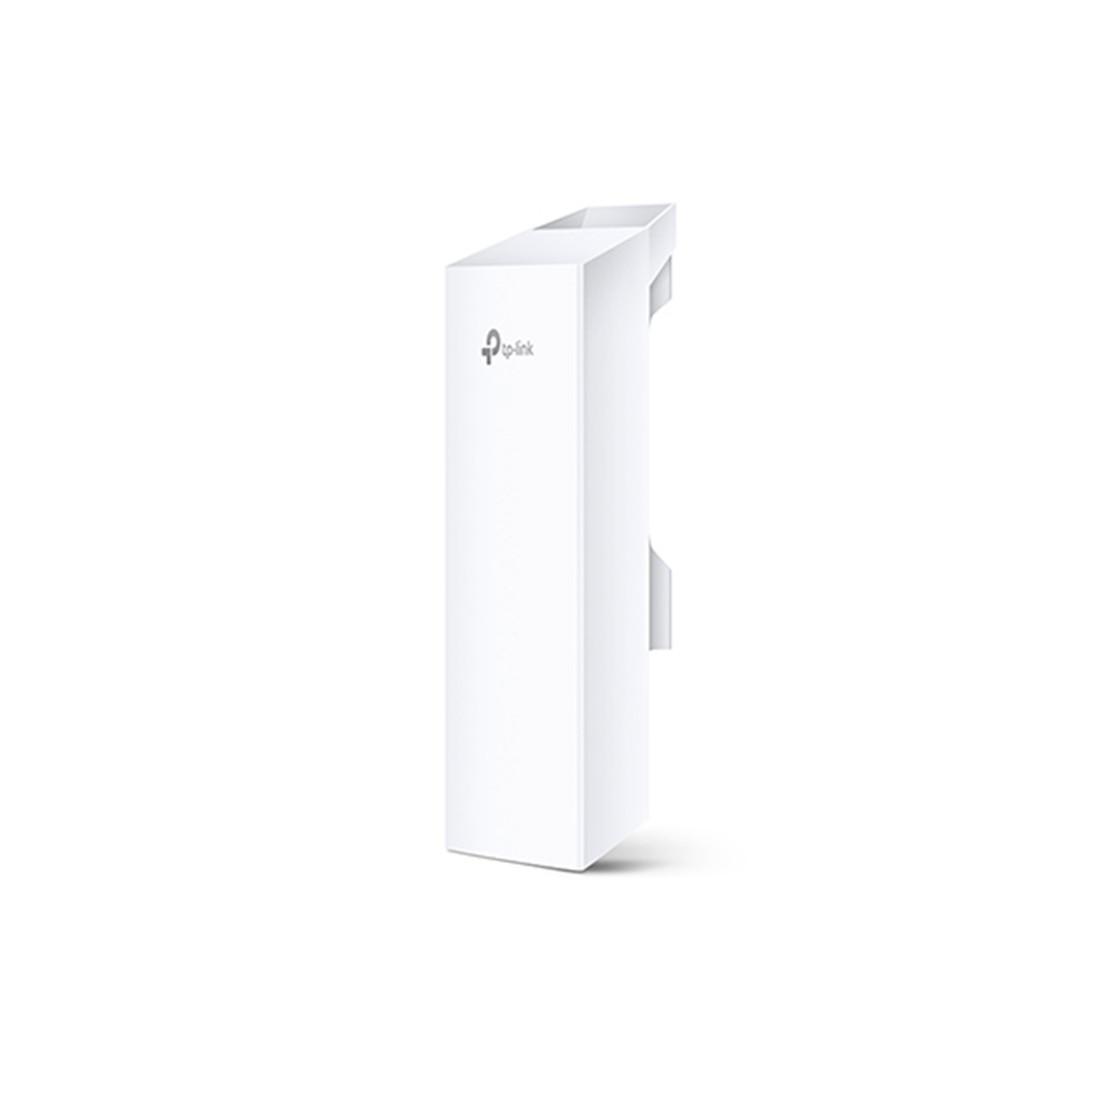 Точка доступа наружная 300M Tp-Link CPE510